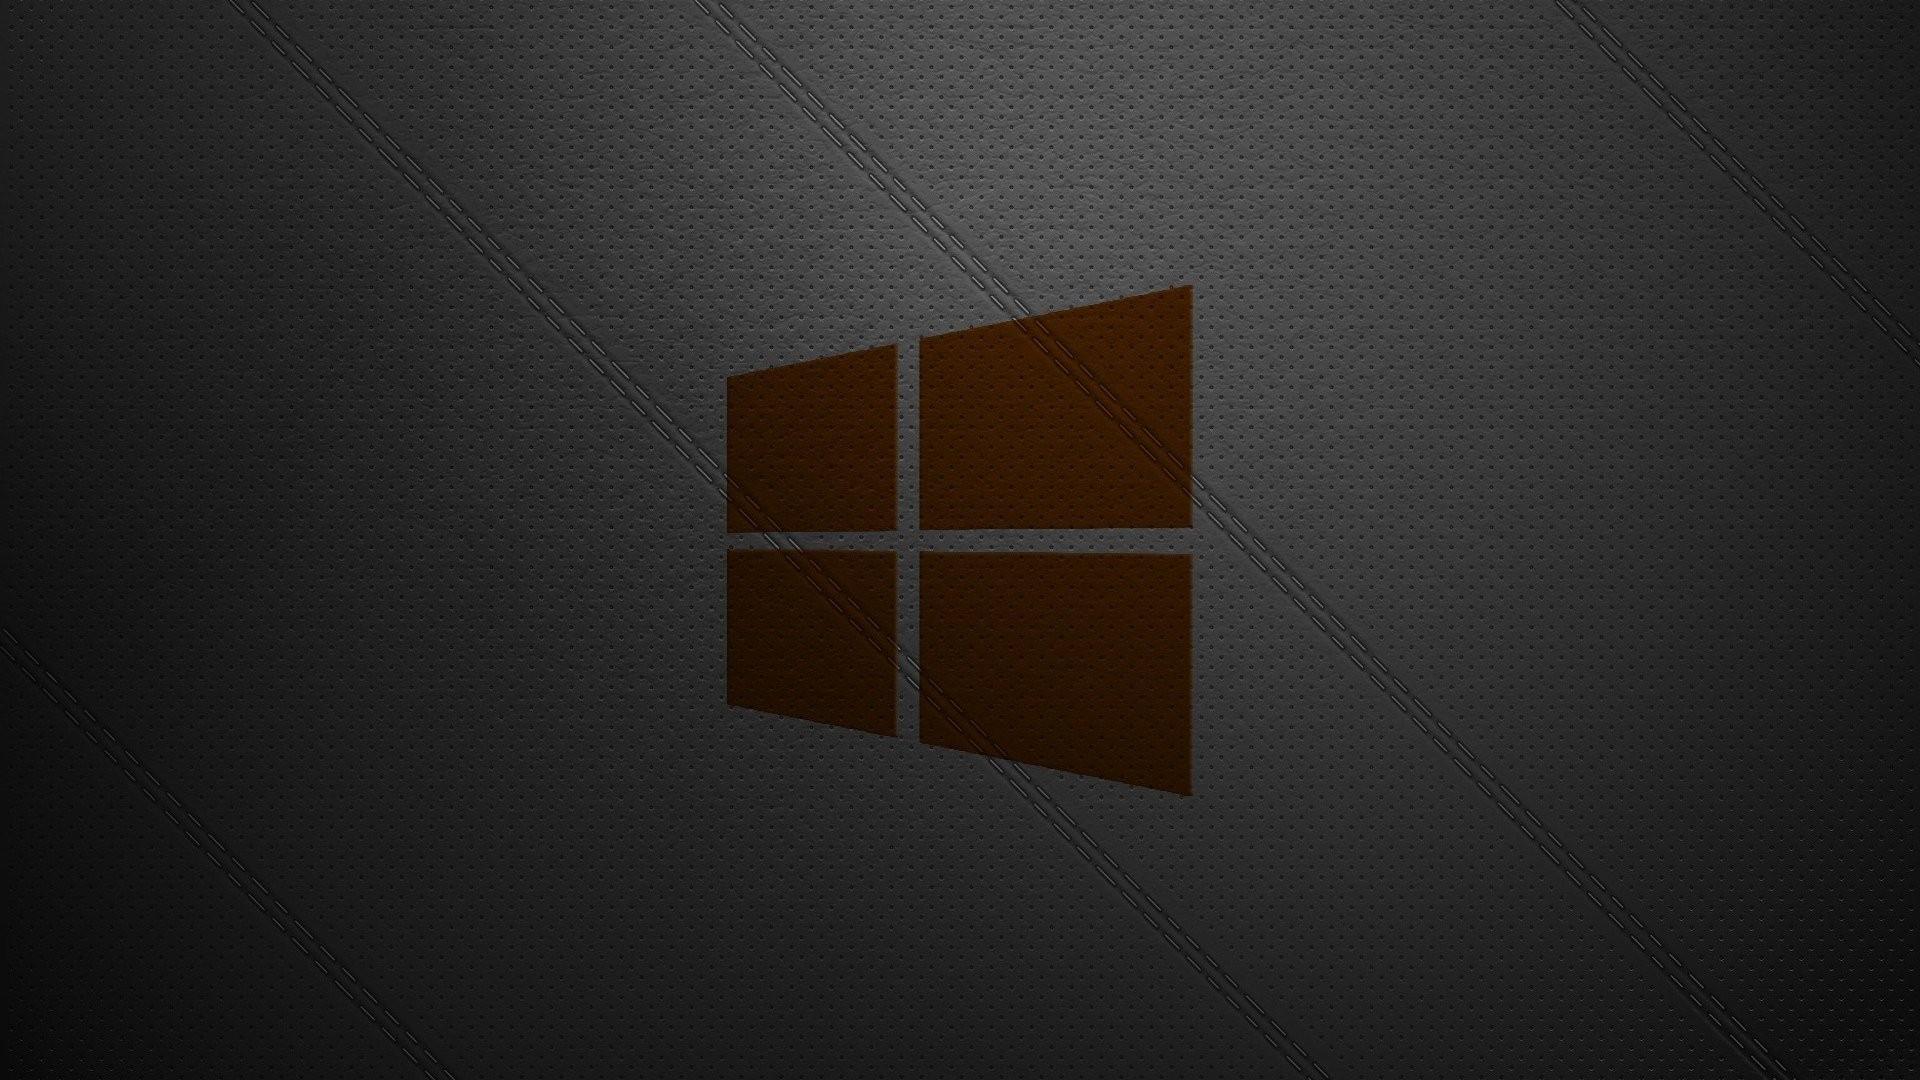 デスクトップ壁紙 黒 図 テキスト ロゴ 対称 パターン